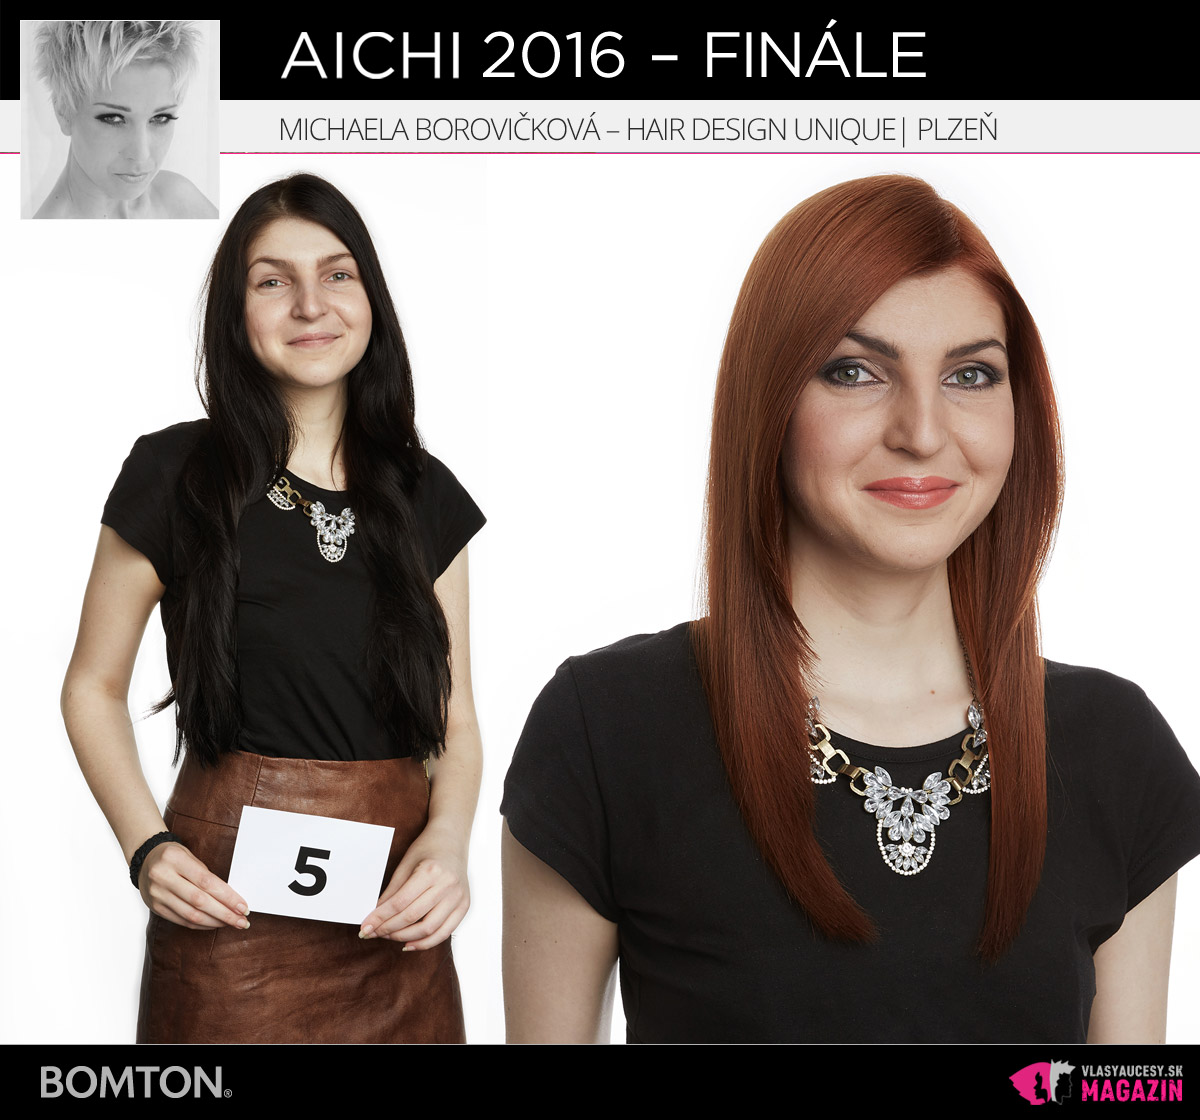 Michaela Borovičková – Hair Design Unique, Plzeň | Premeny AICHI 2016 – postupujúci do finálového kola